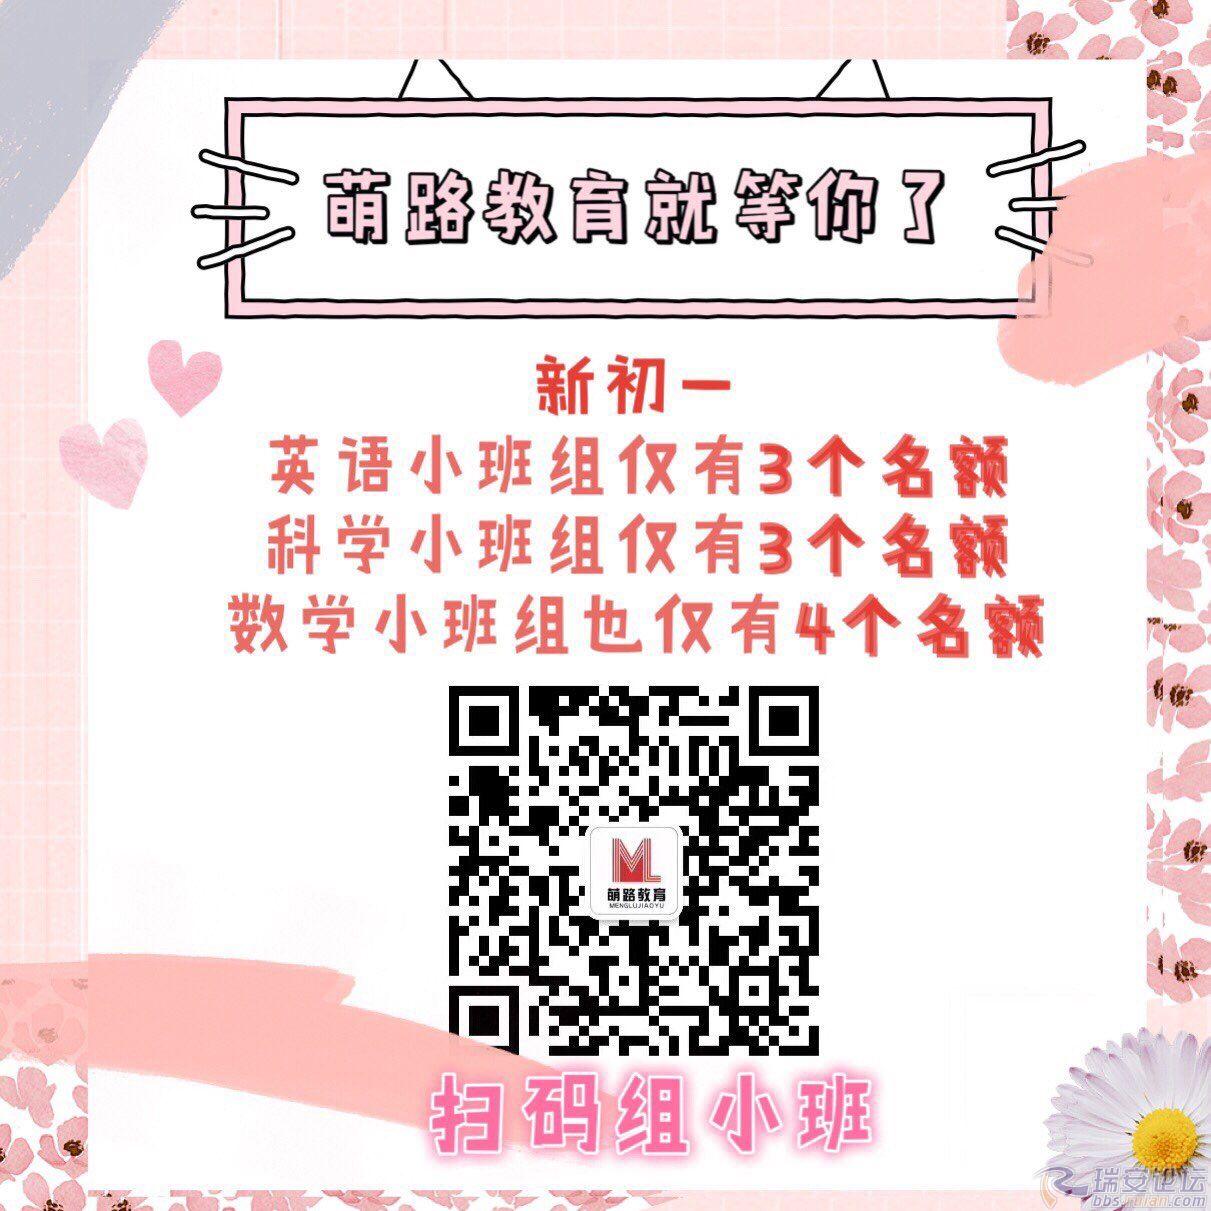 201807086859621531059067113424.jpg